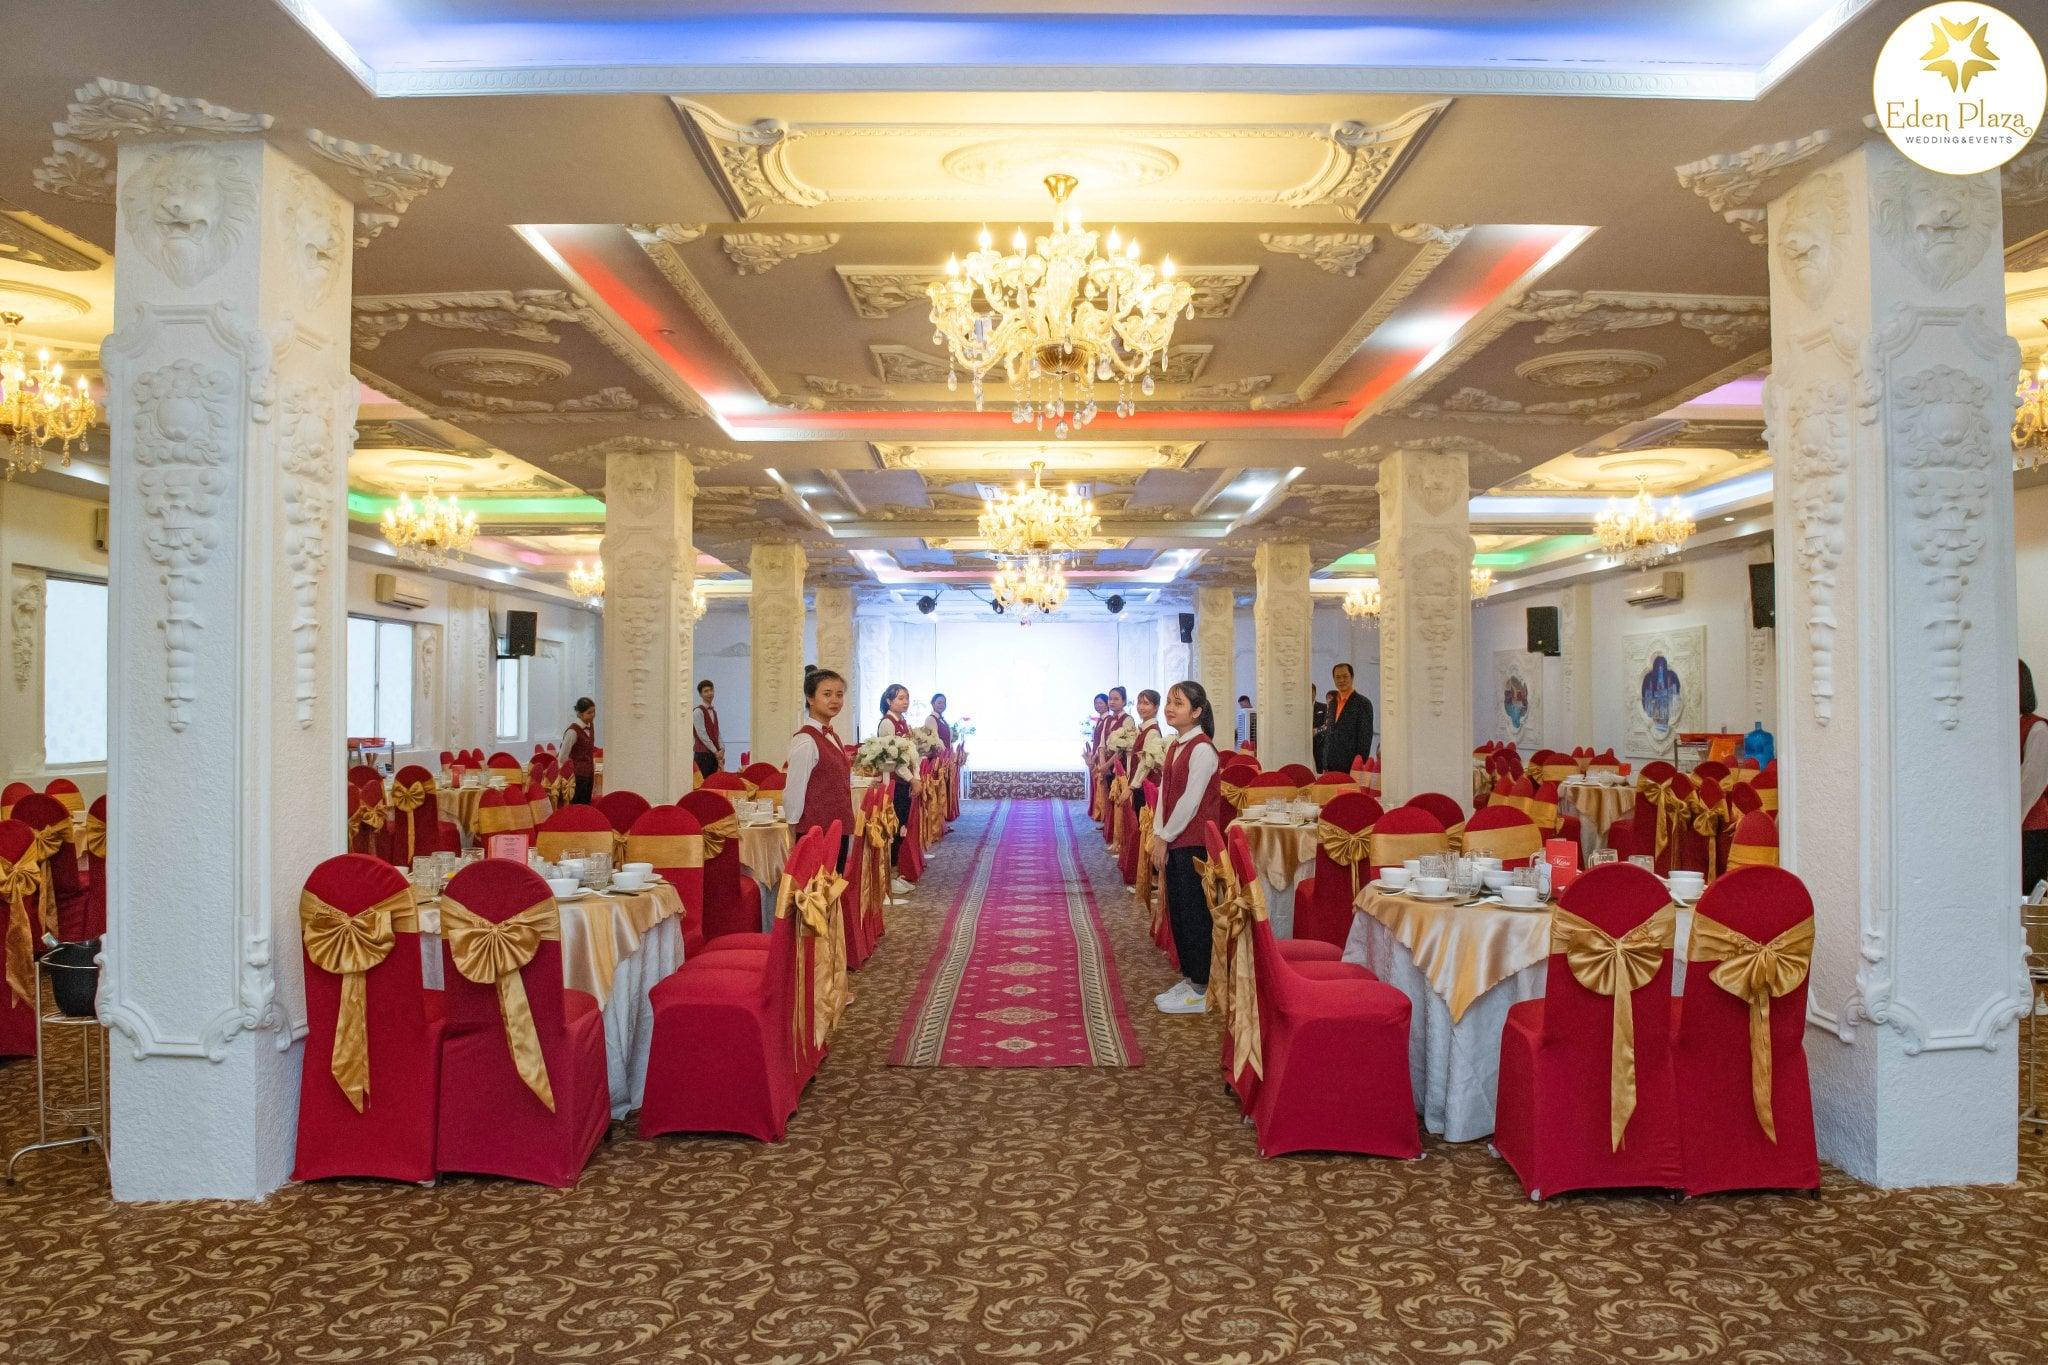 Sảnh tiệc cưới Eden Plaza Thủ Đức